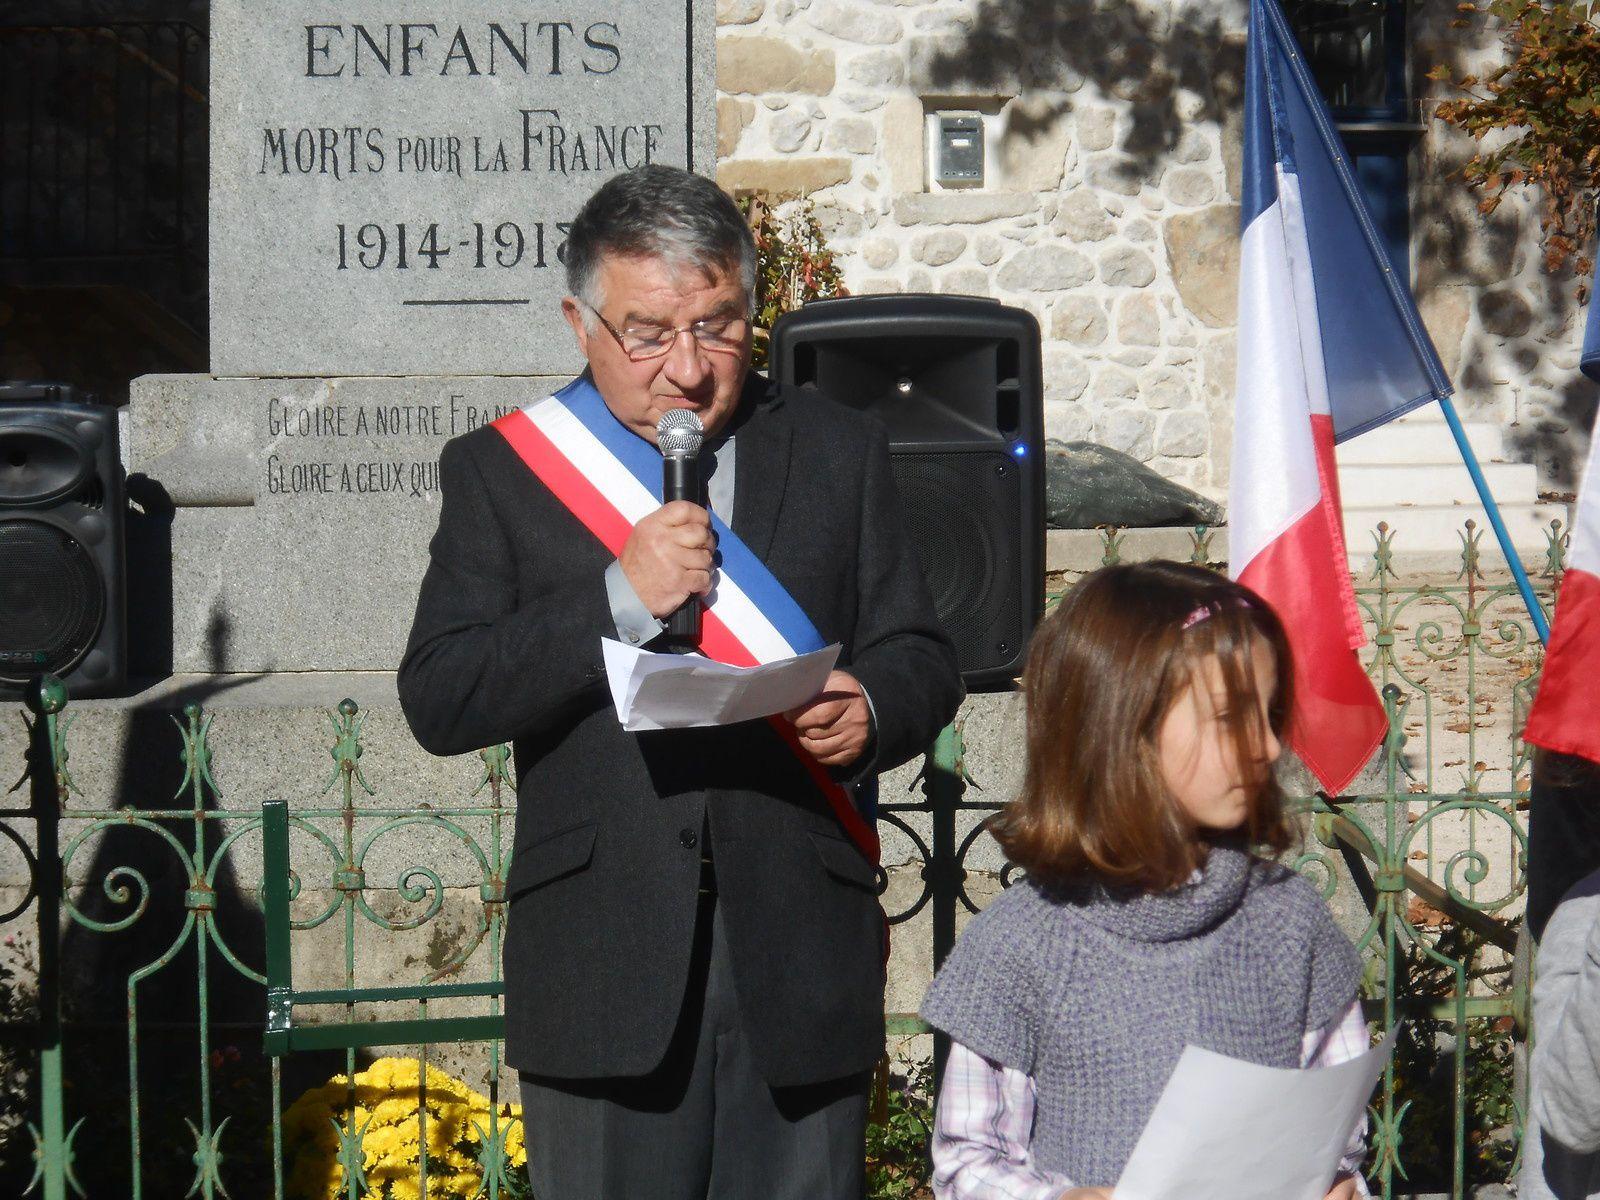 Le maire de Jaujac lit le message du gouvernement